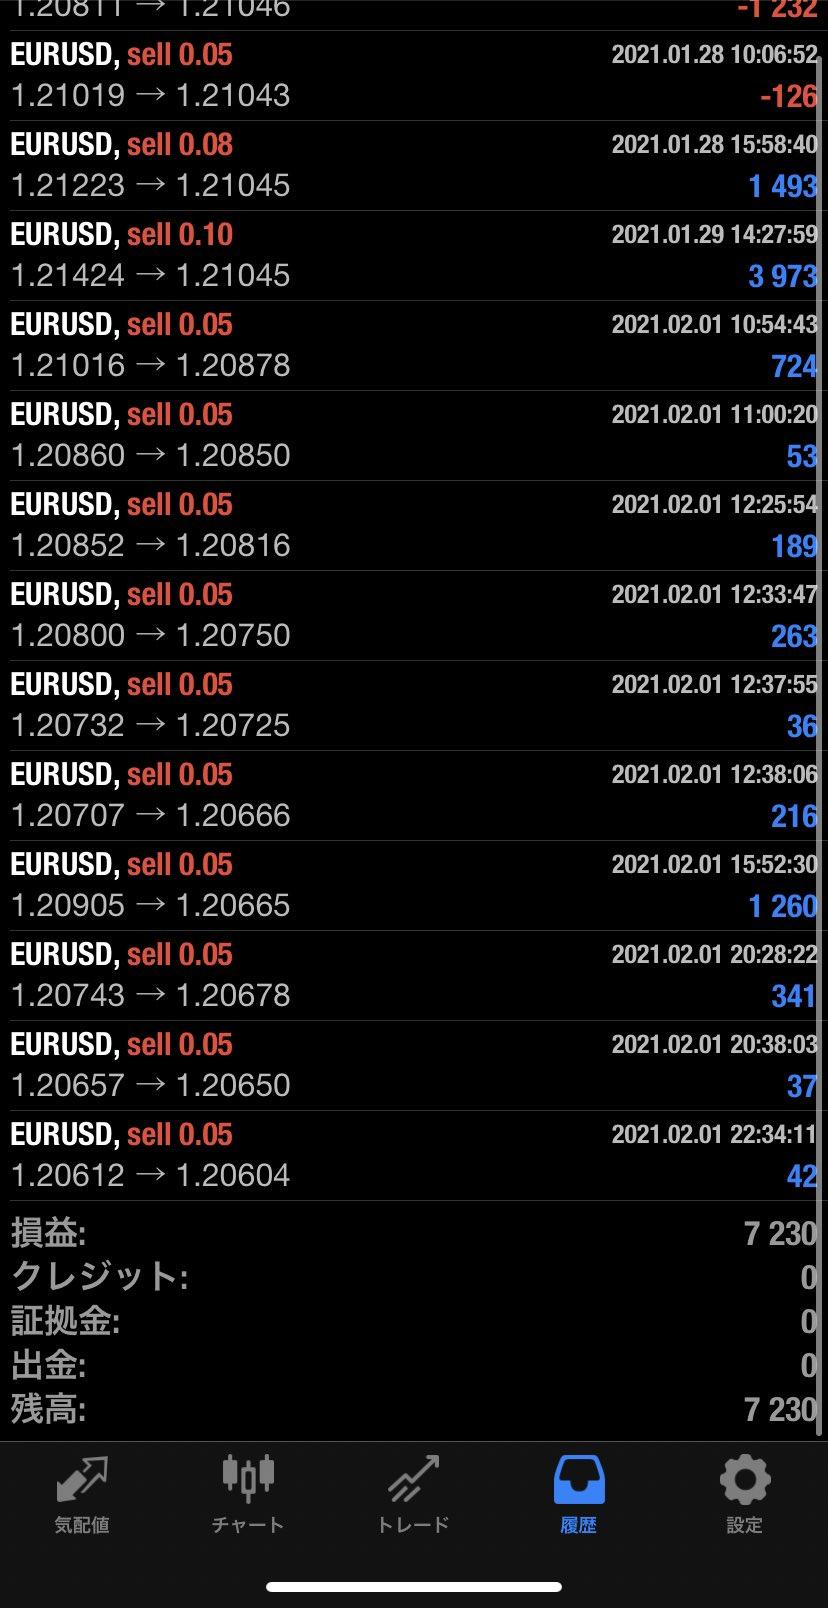 2021年2月1日 EUR/USDバージョン7,230円